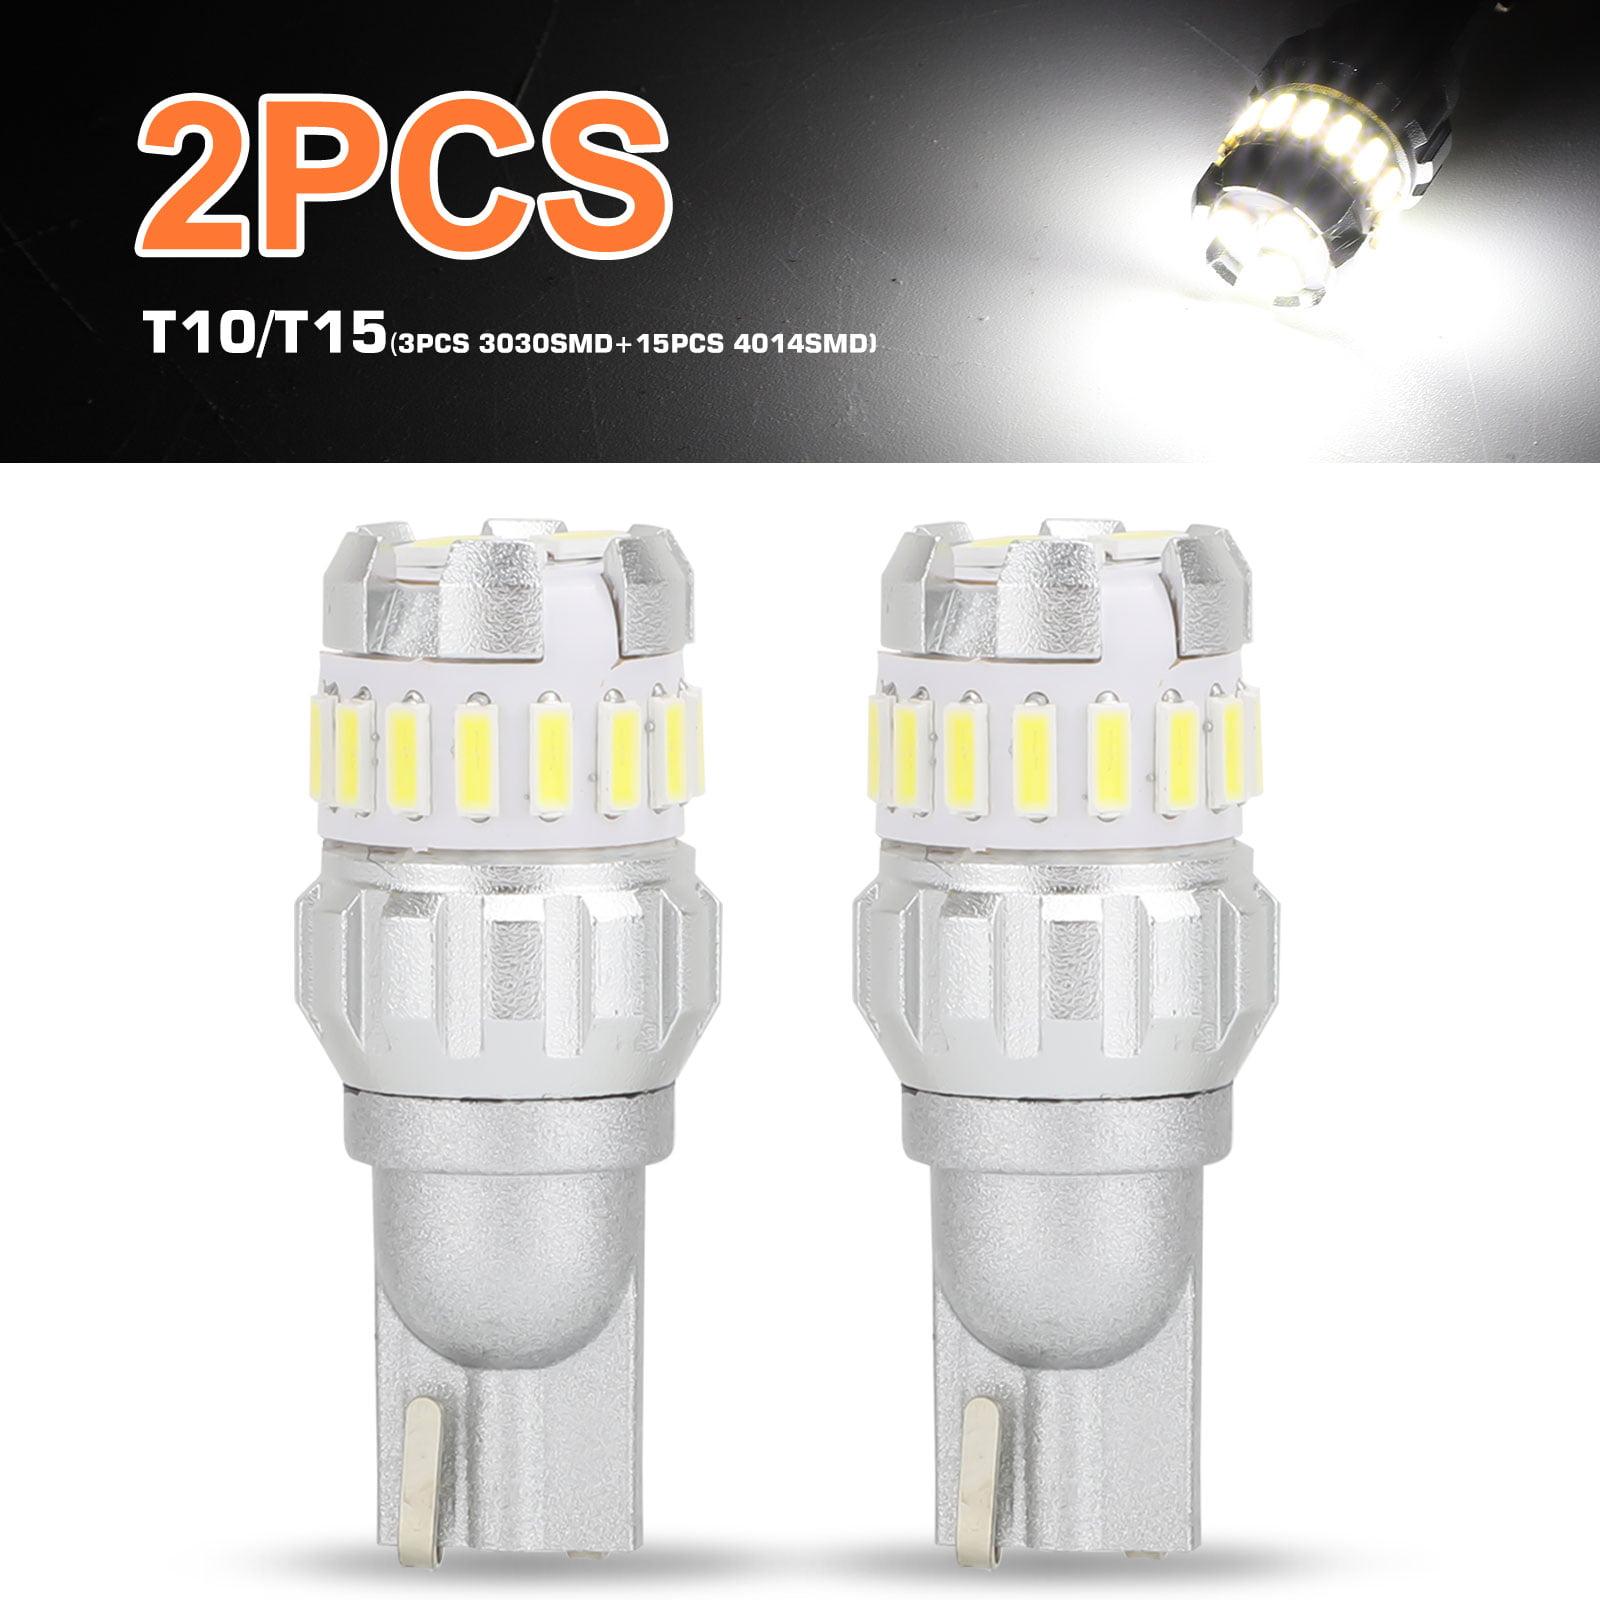 2pcs Car Auto 6000K Super White Back Up Reverse LED Lights Bulbs Accessories Kit